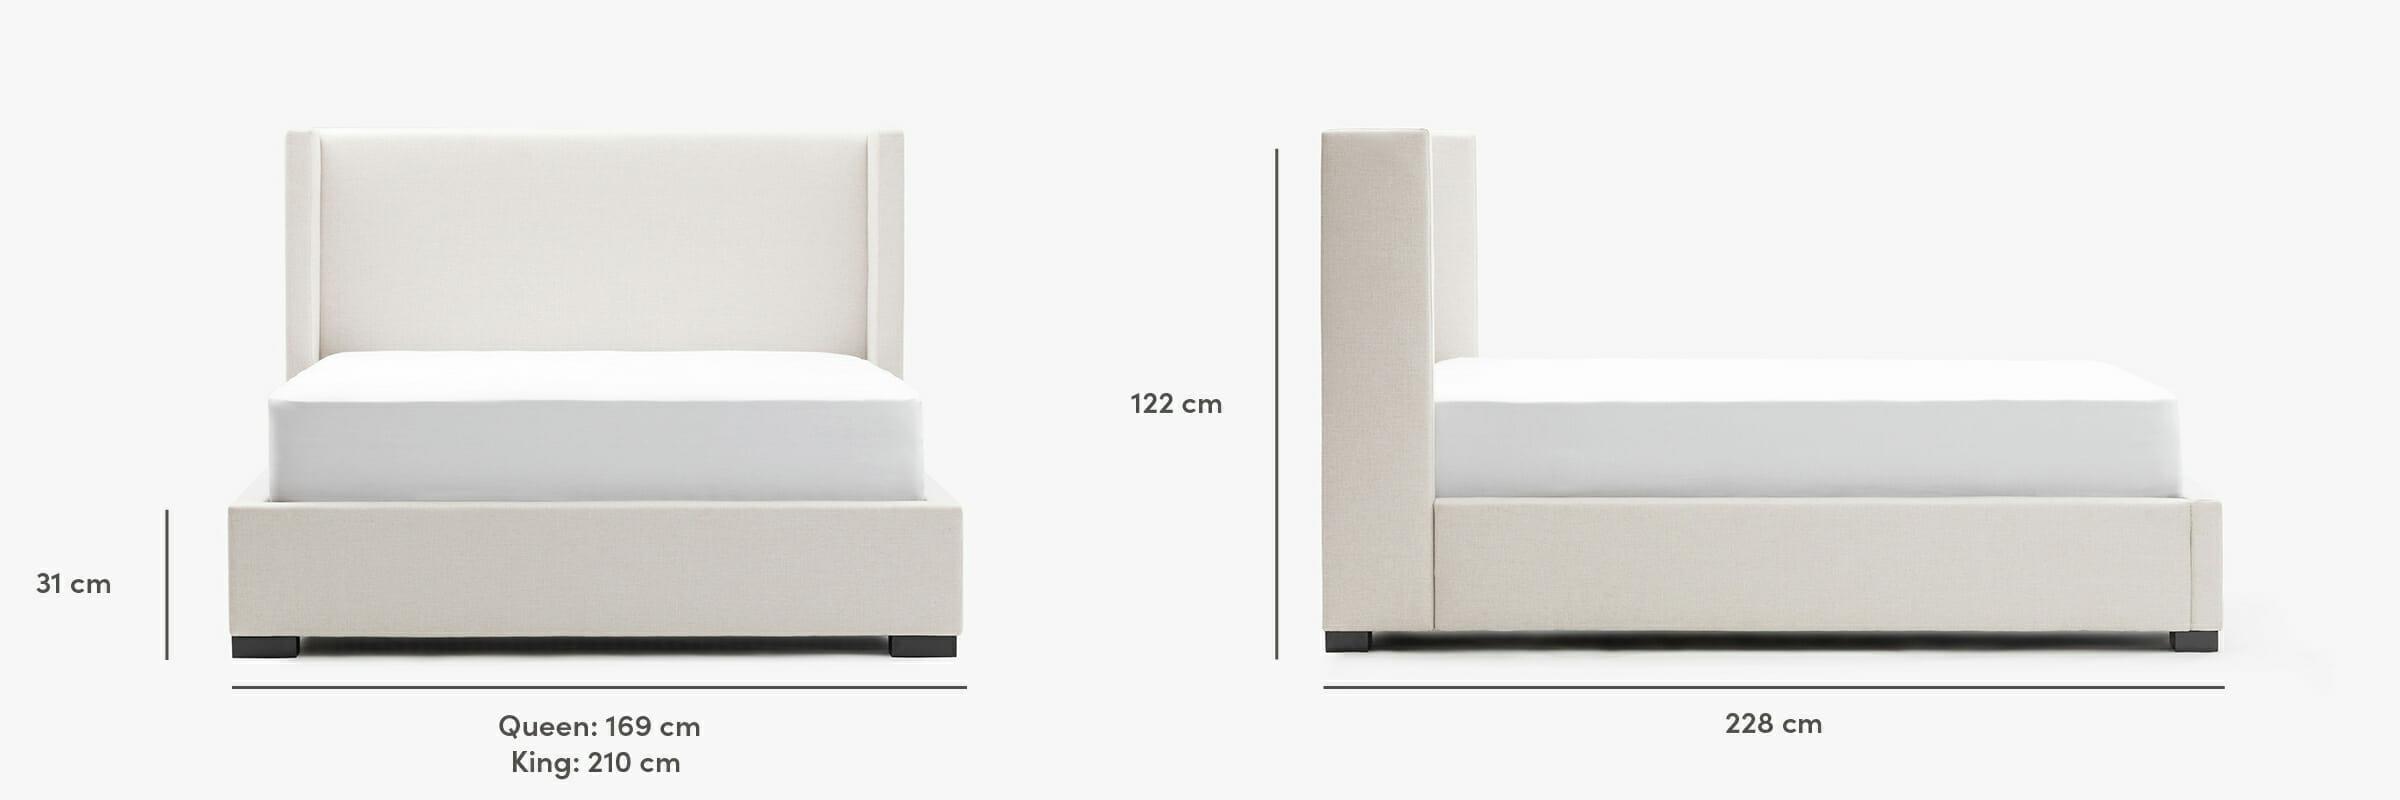 Lit Osaka - dimensions